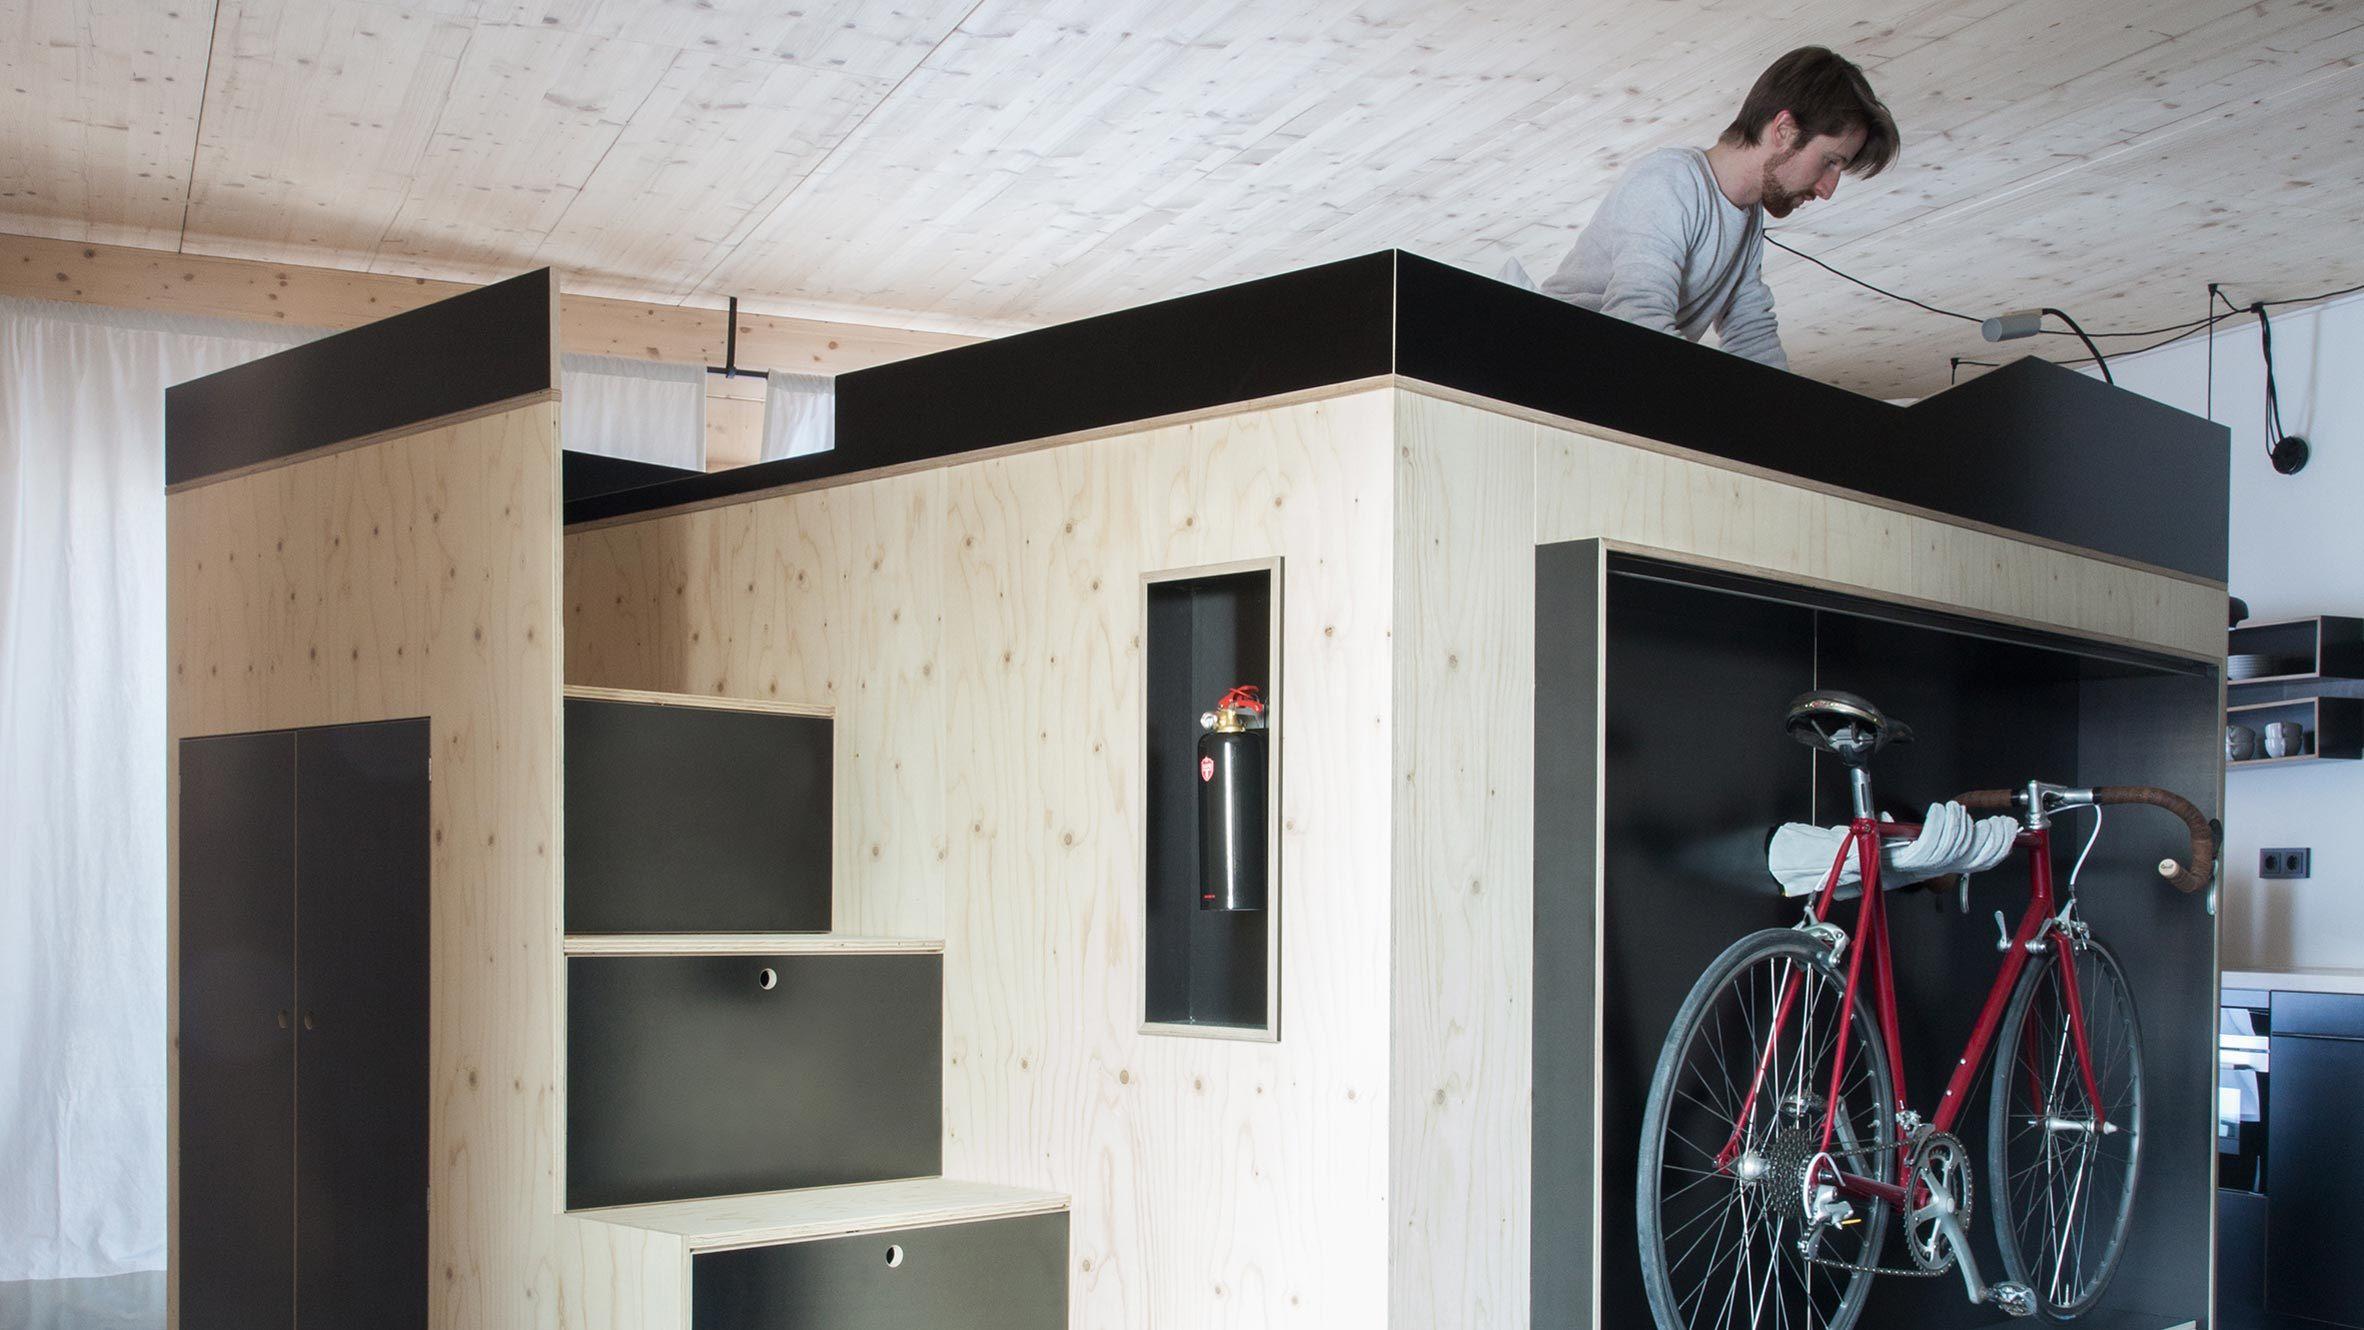 キューブ状「Kammerspiel」は、部屋の中に置く部屋だ。大量の収納、ベッド、自転車置き場など、生活に必要な機能が凝縮されている。限られた部屋の空間を上手く利用するためにデザインされてるので、都市部の暮らしと相性バツグンだ。top